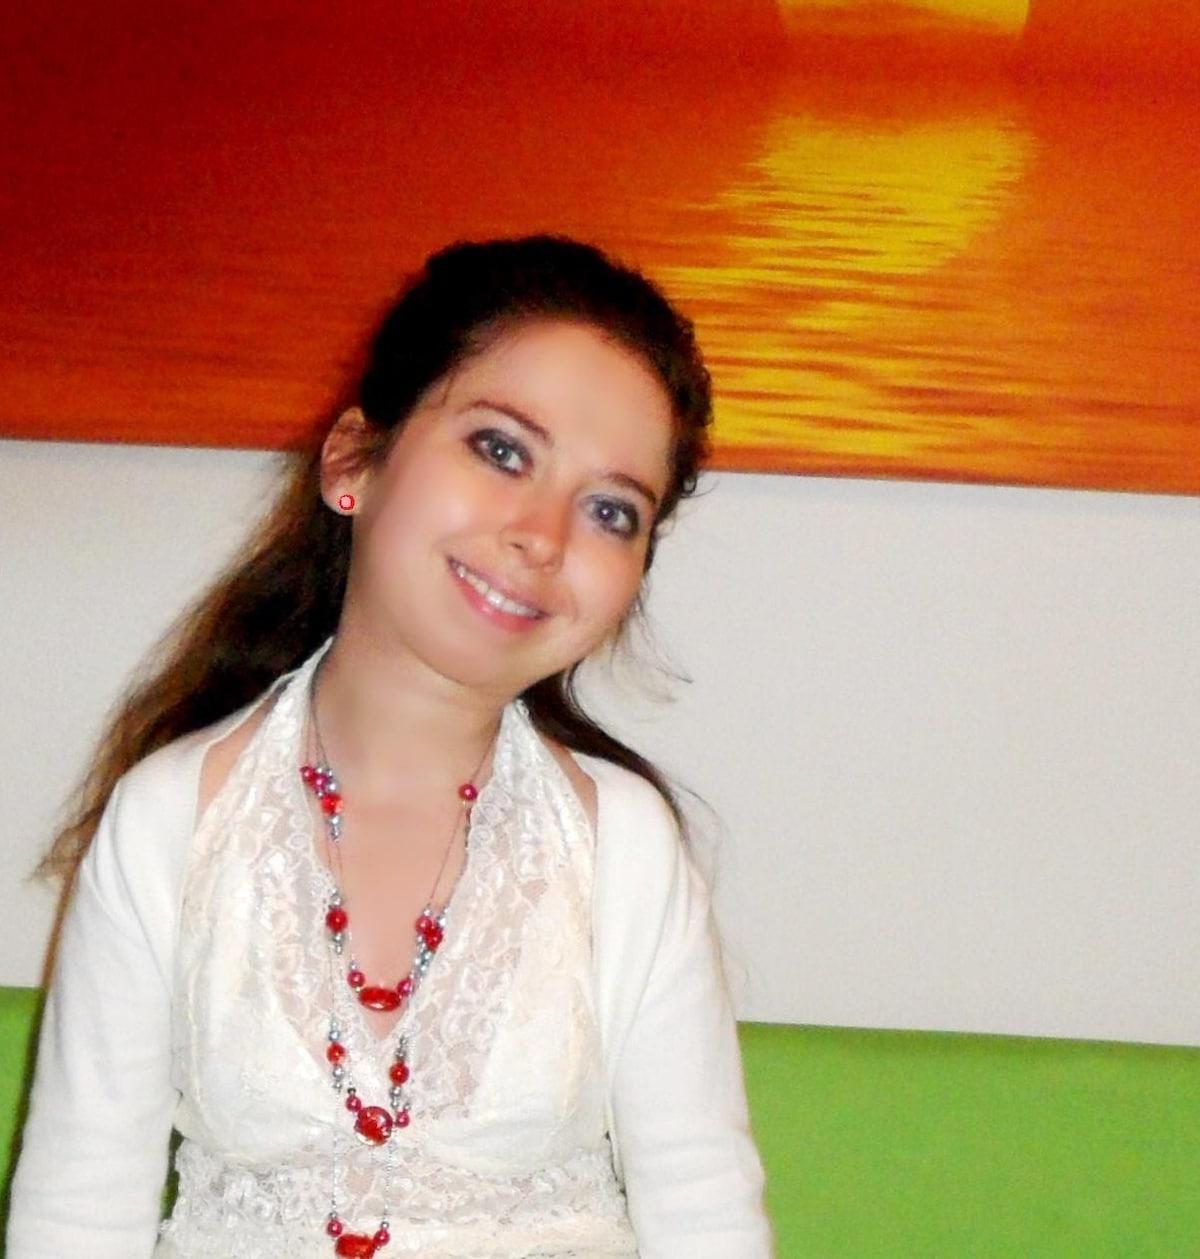 Eva From Prešov, Slovakia